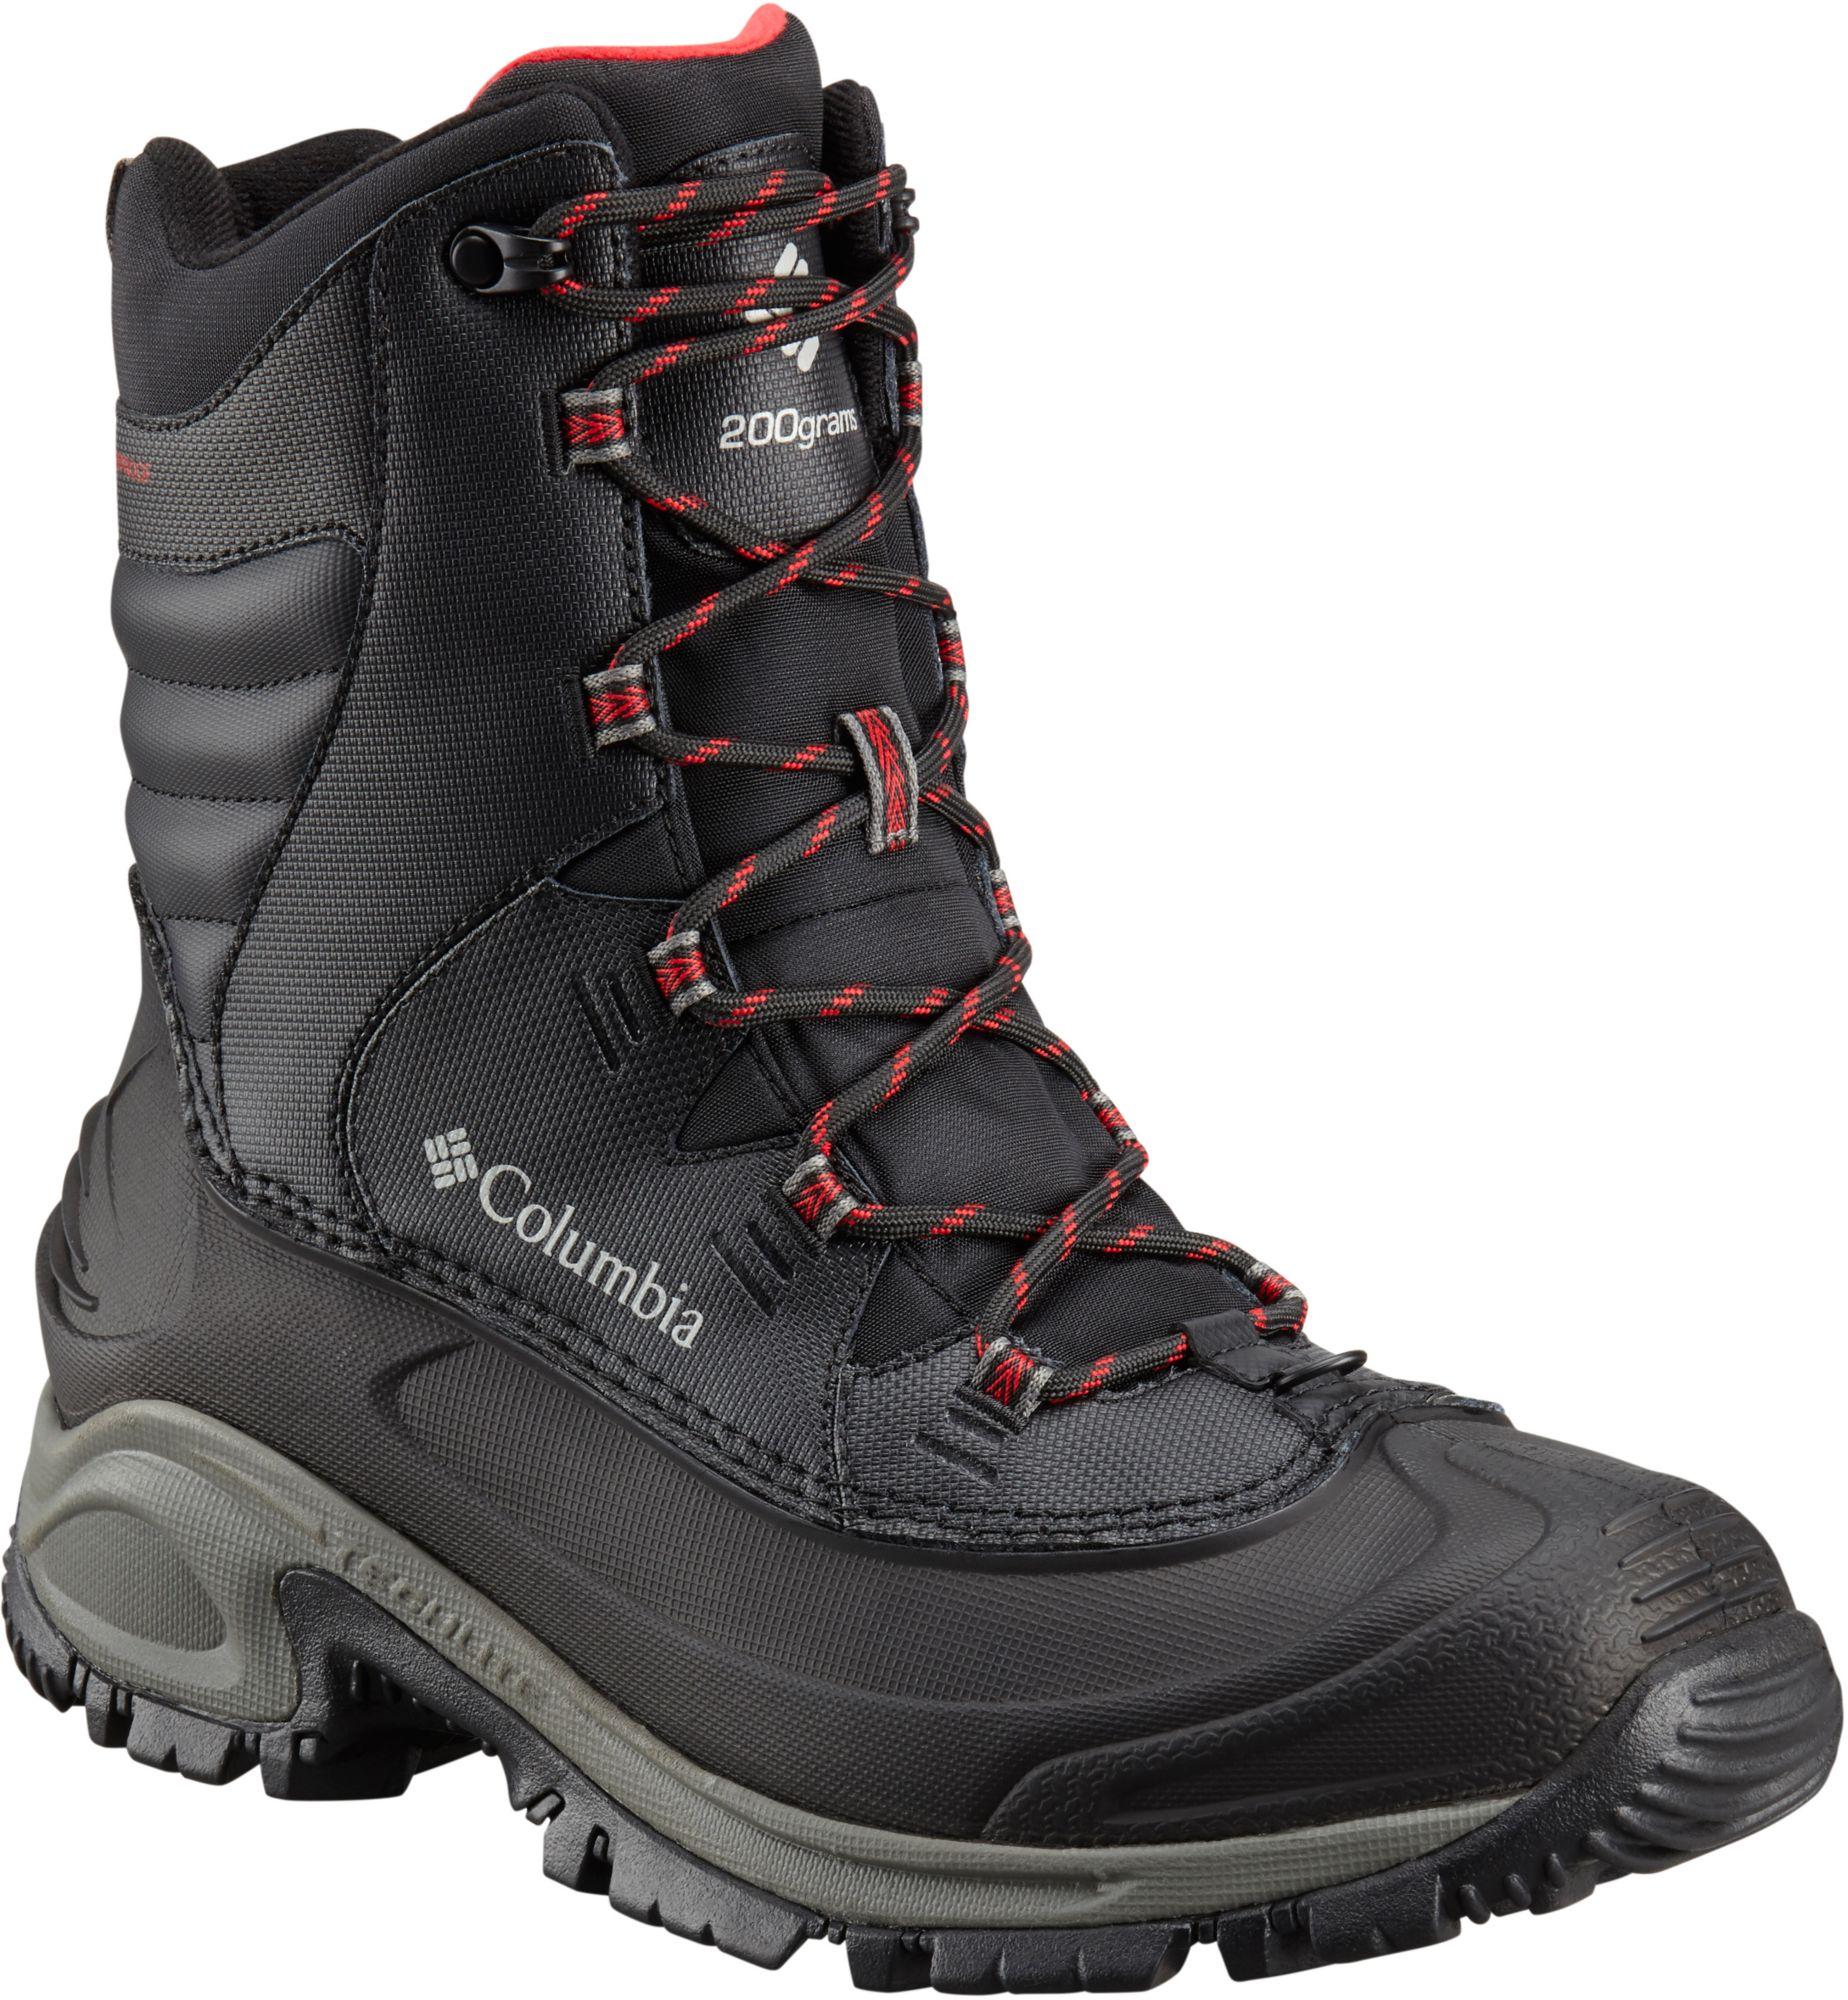 ce04bee5550 Columbia Men's Bugaboot III 200g Waterproof Winter Boots